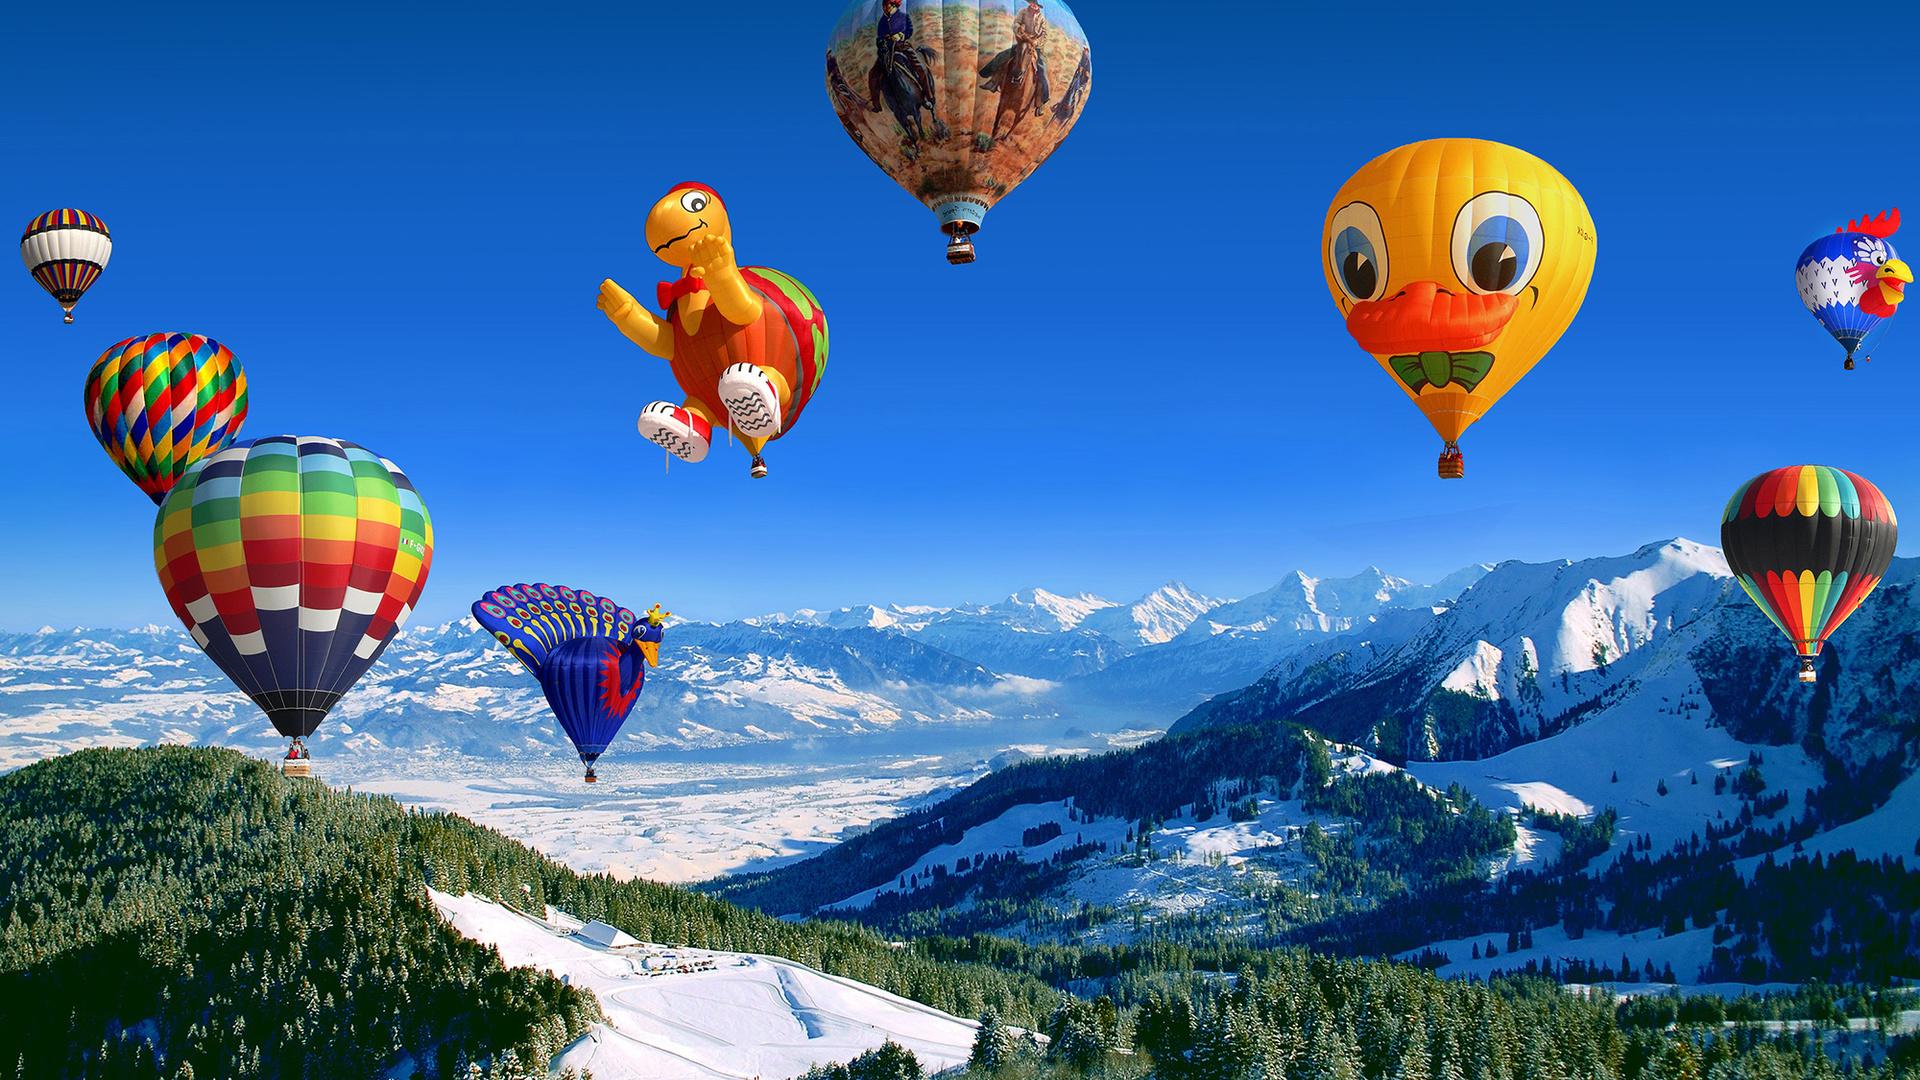 Картинки воздушные шары на рабочий стол